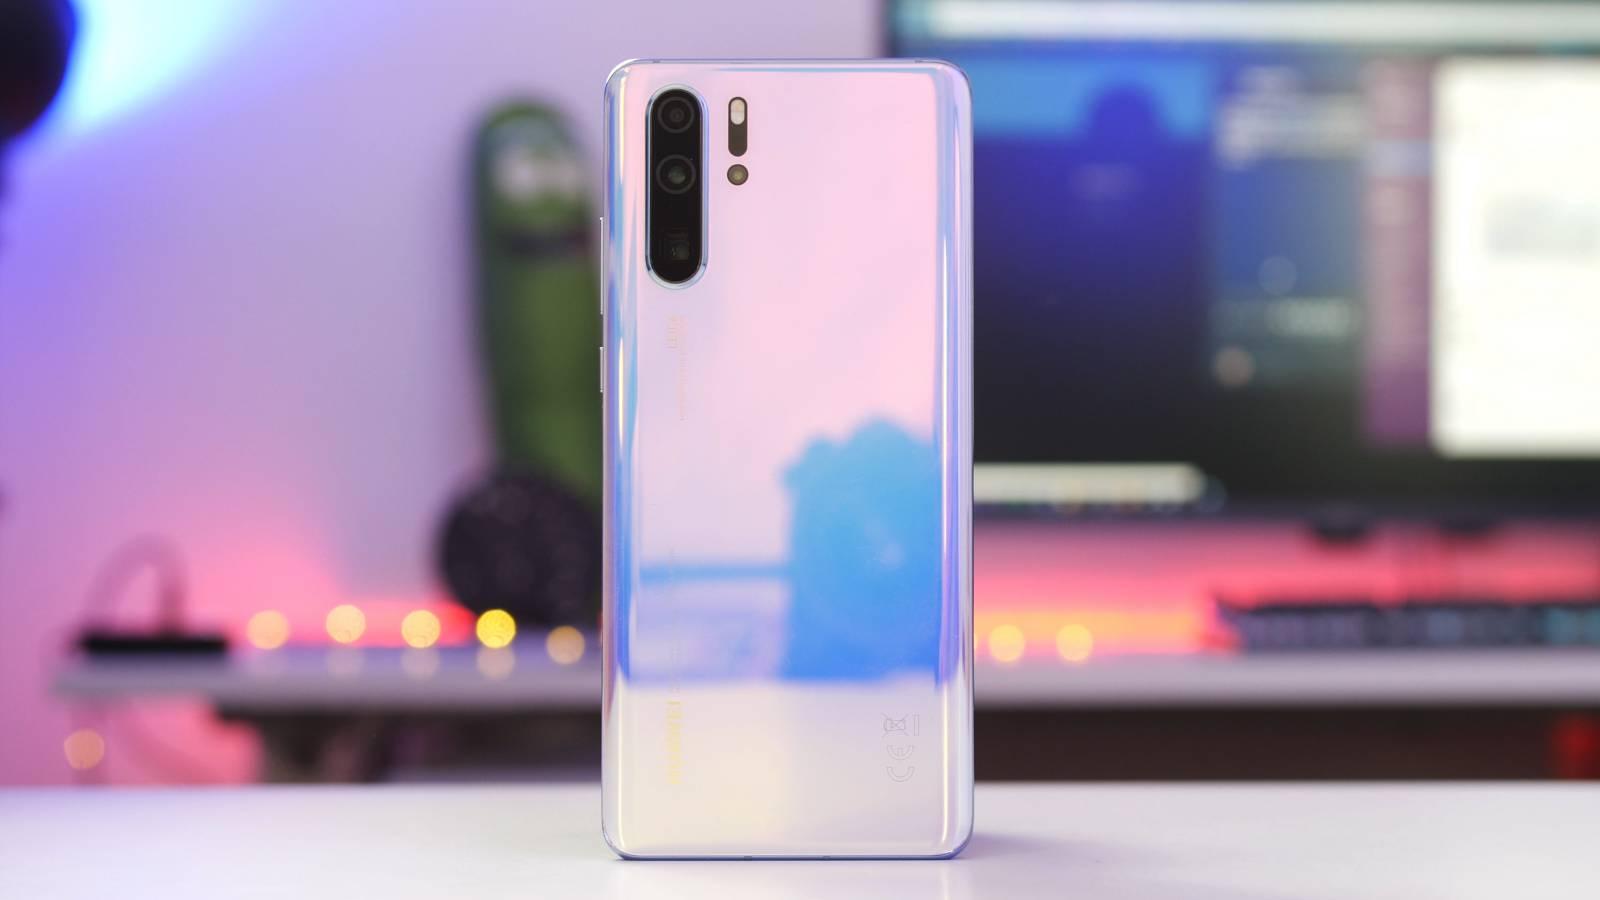 Telefoanele Huawei lista android 10